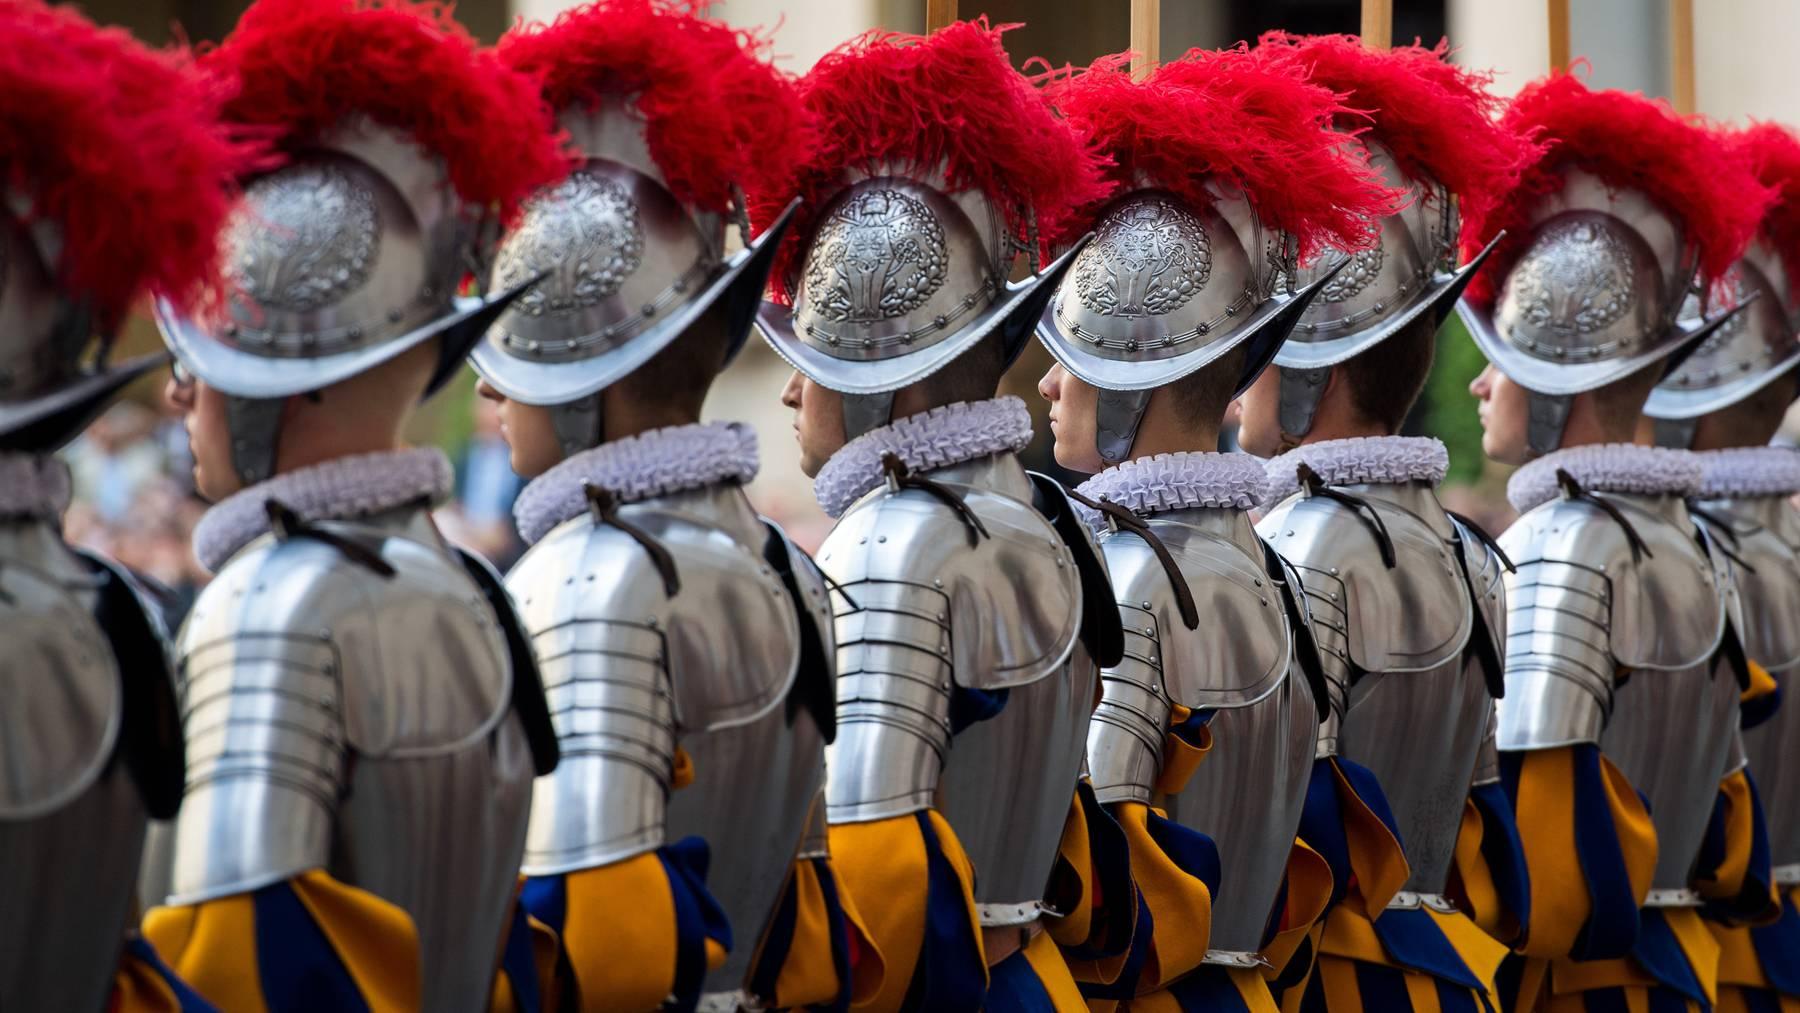 Die 38 neuen Gardisten leisteten ihren Eid gegenüber Papst Franziskus in diesem Jahr nur in engstem Rahmen.